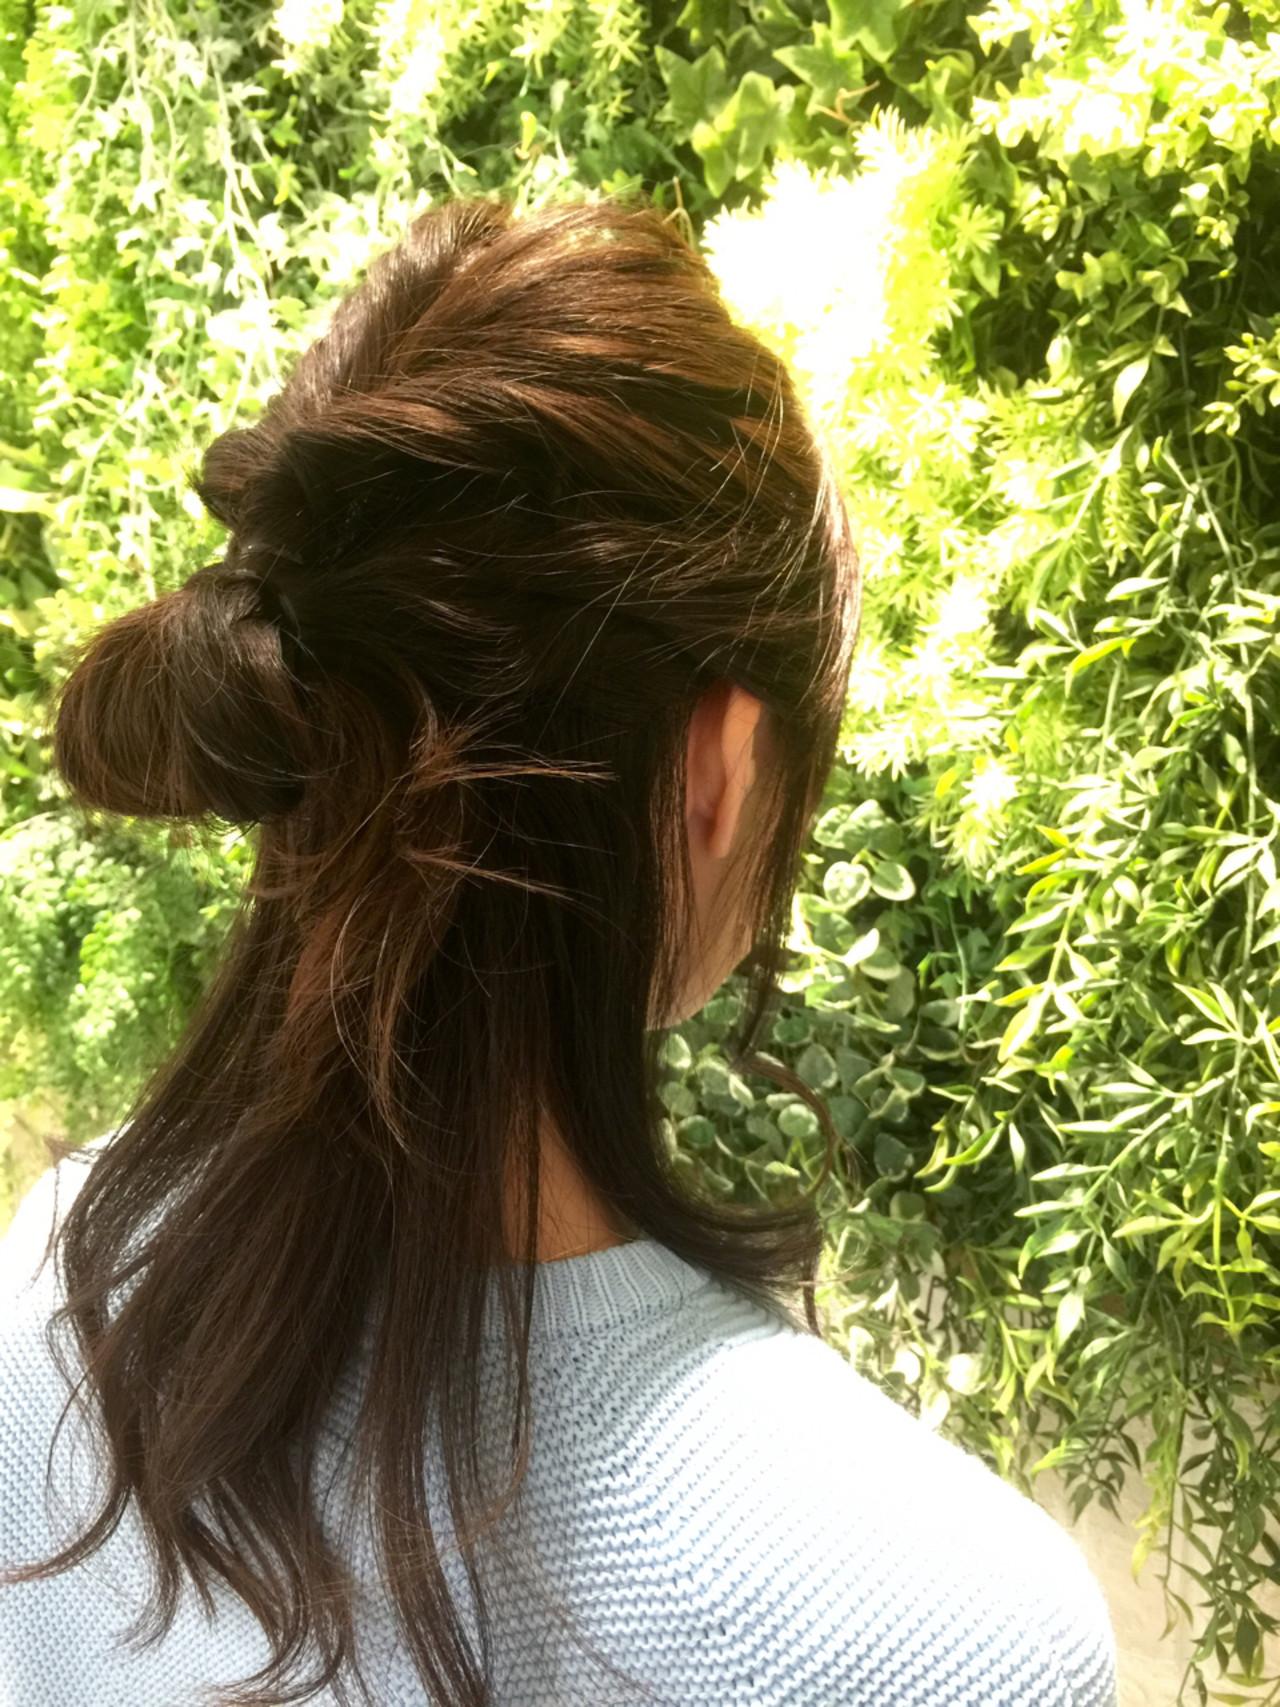 ヘアアレンジ ねじり パーティ セミロング ヘアスタイルや髪型の写真・画像 | 今井 愛梨奈 /